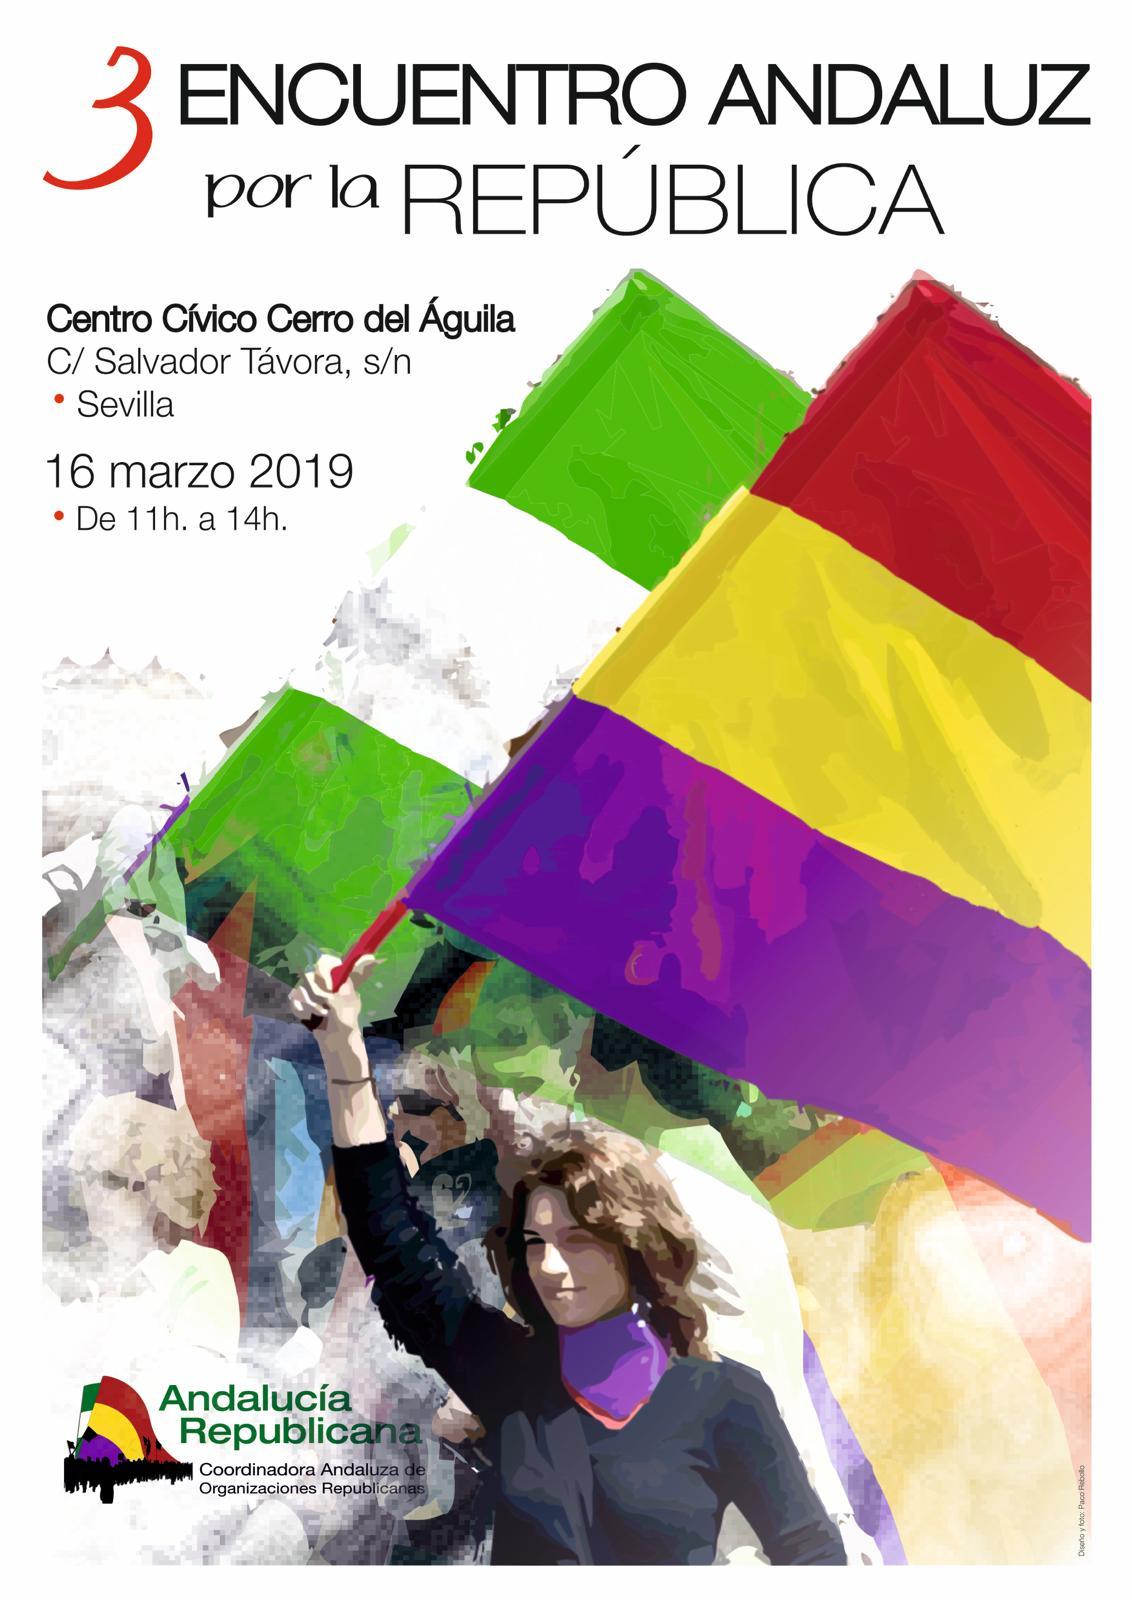 III Encuentro Andaluz por la República